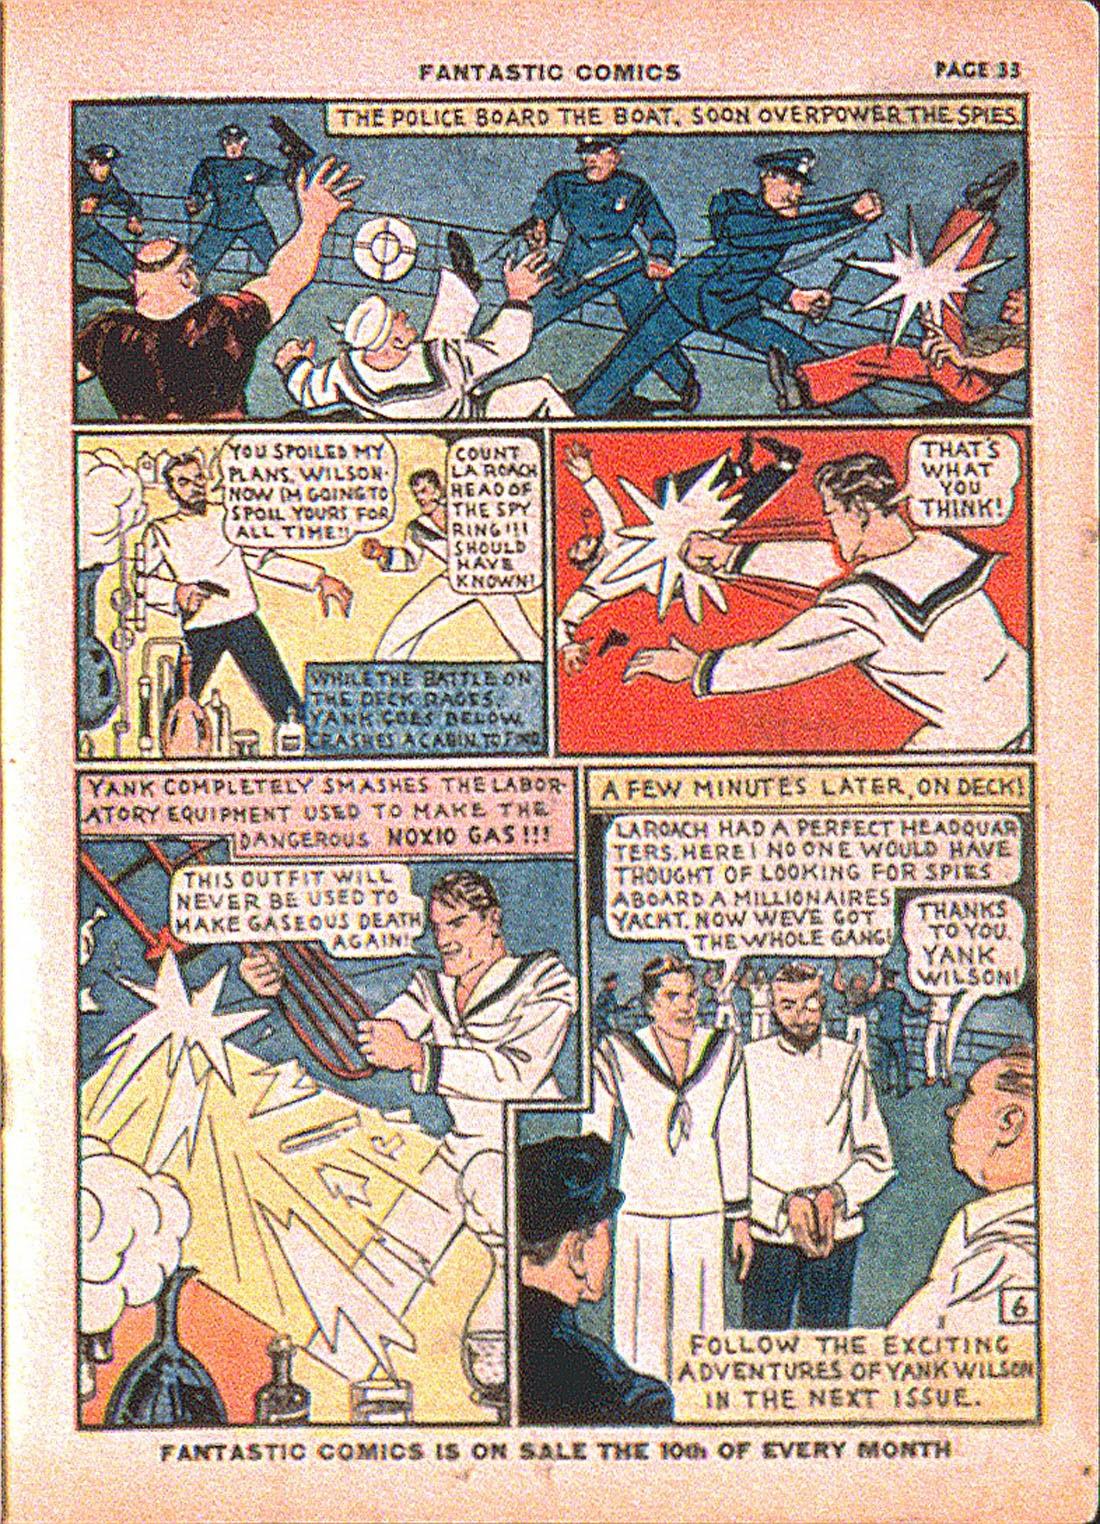 Read online Fantastic Comics comic -  Issue #7 - 35